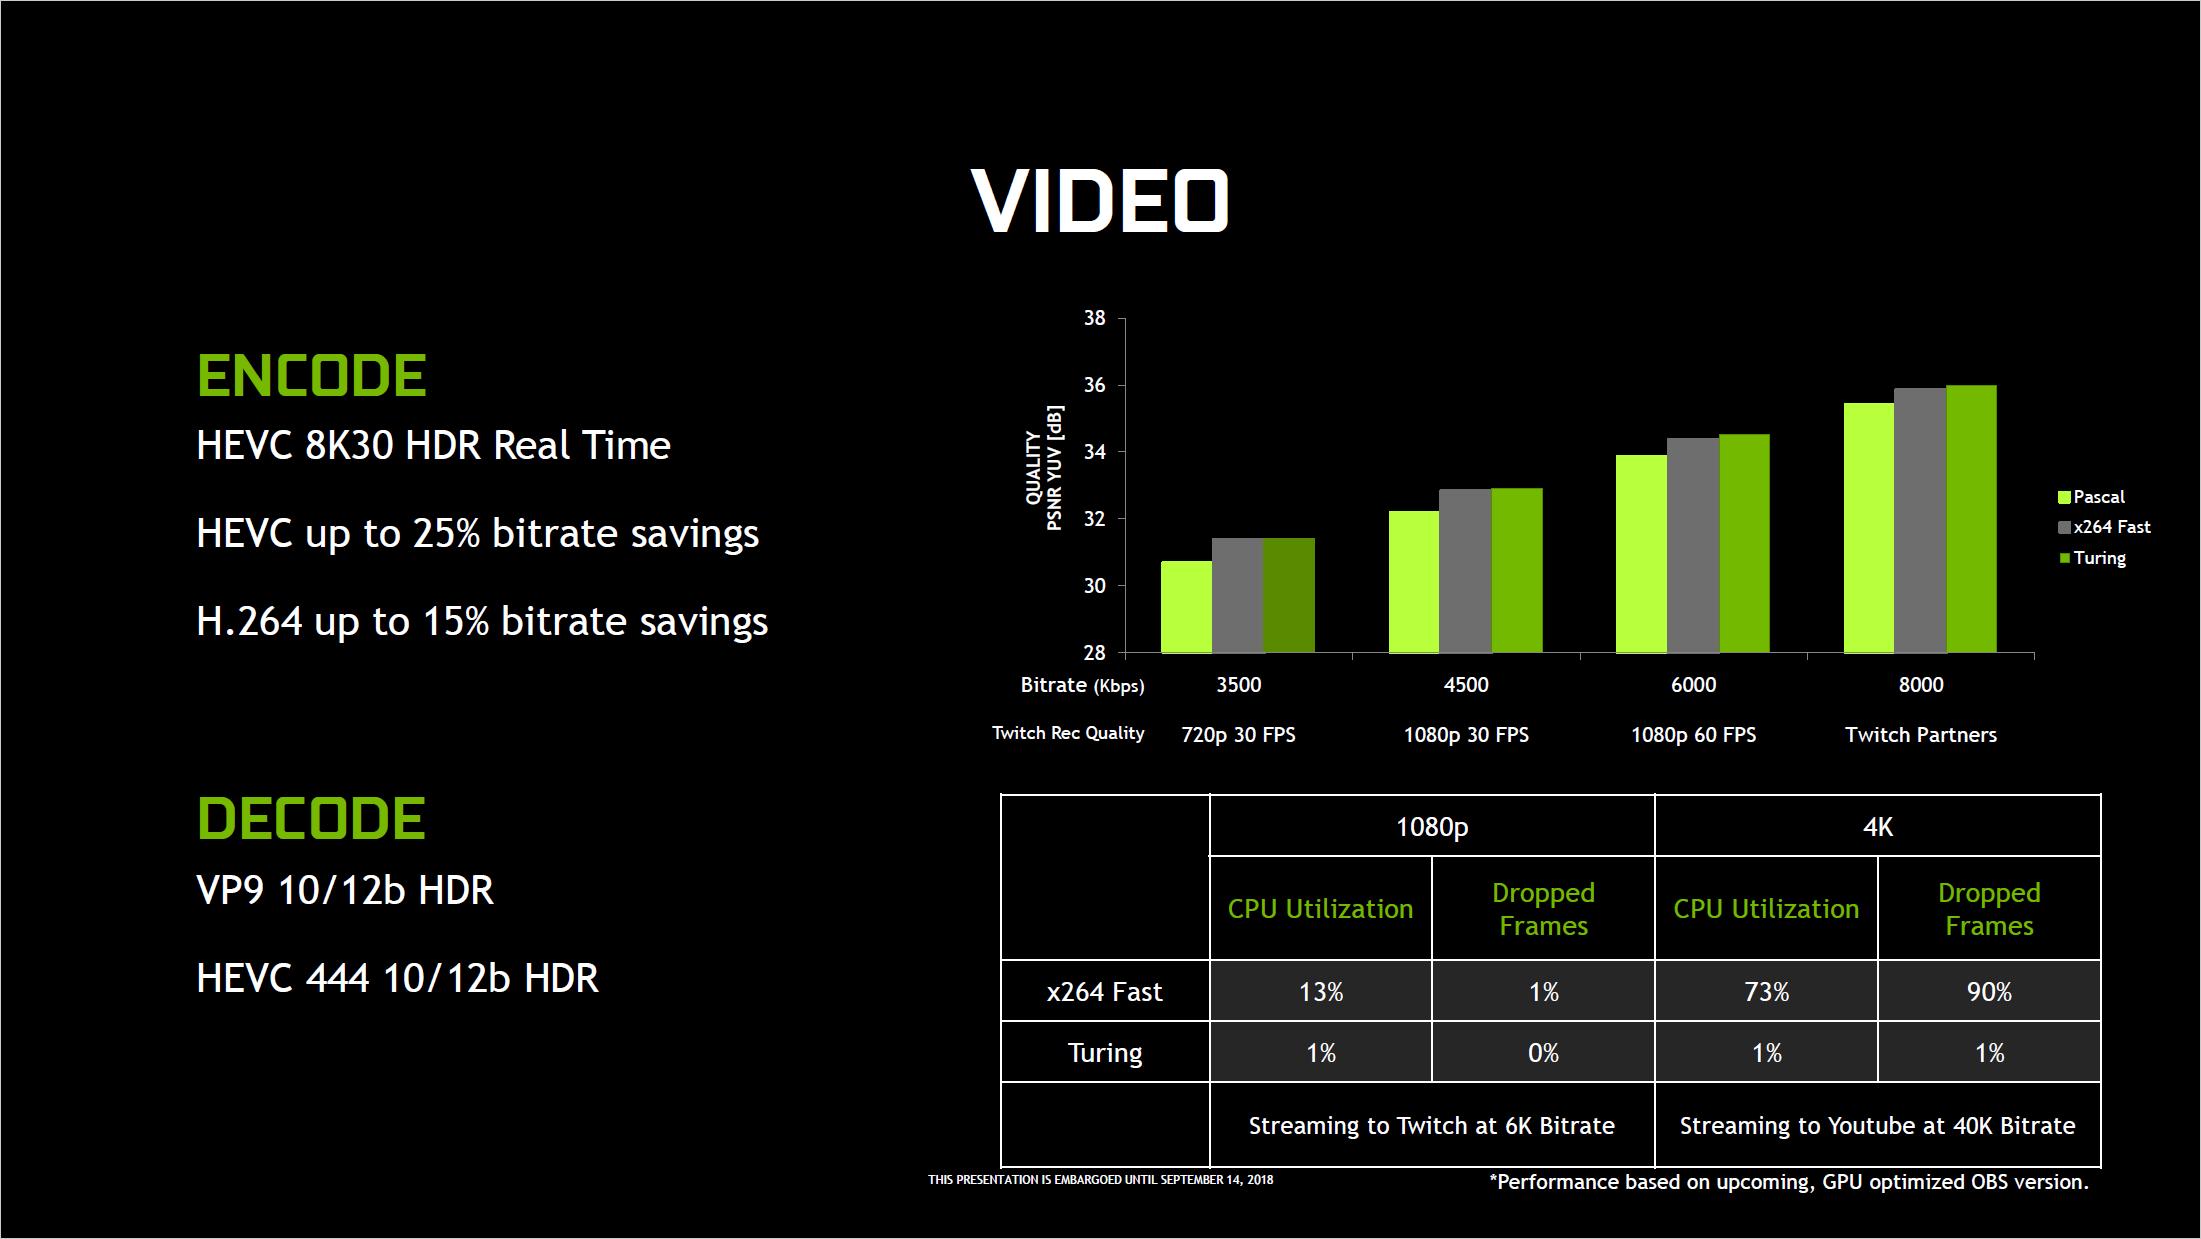 Grafikkarten: Das kann Nvidias Turing-Architektur - Der NVENC kann H.265 in 8K mit 30 fps encodieren. (Bild: Nvidia)